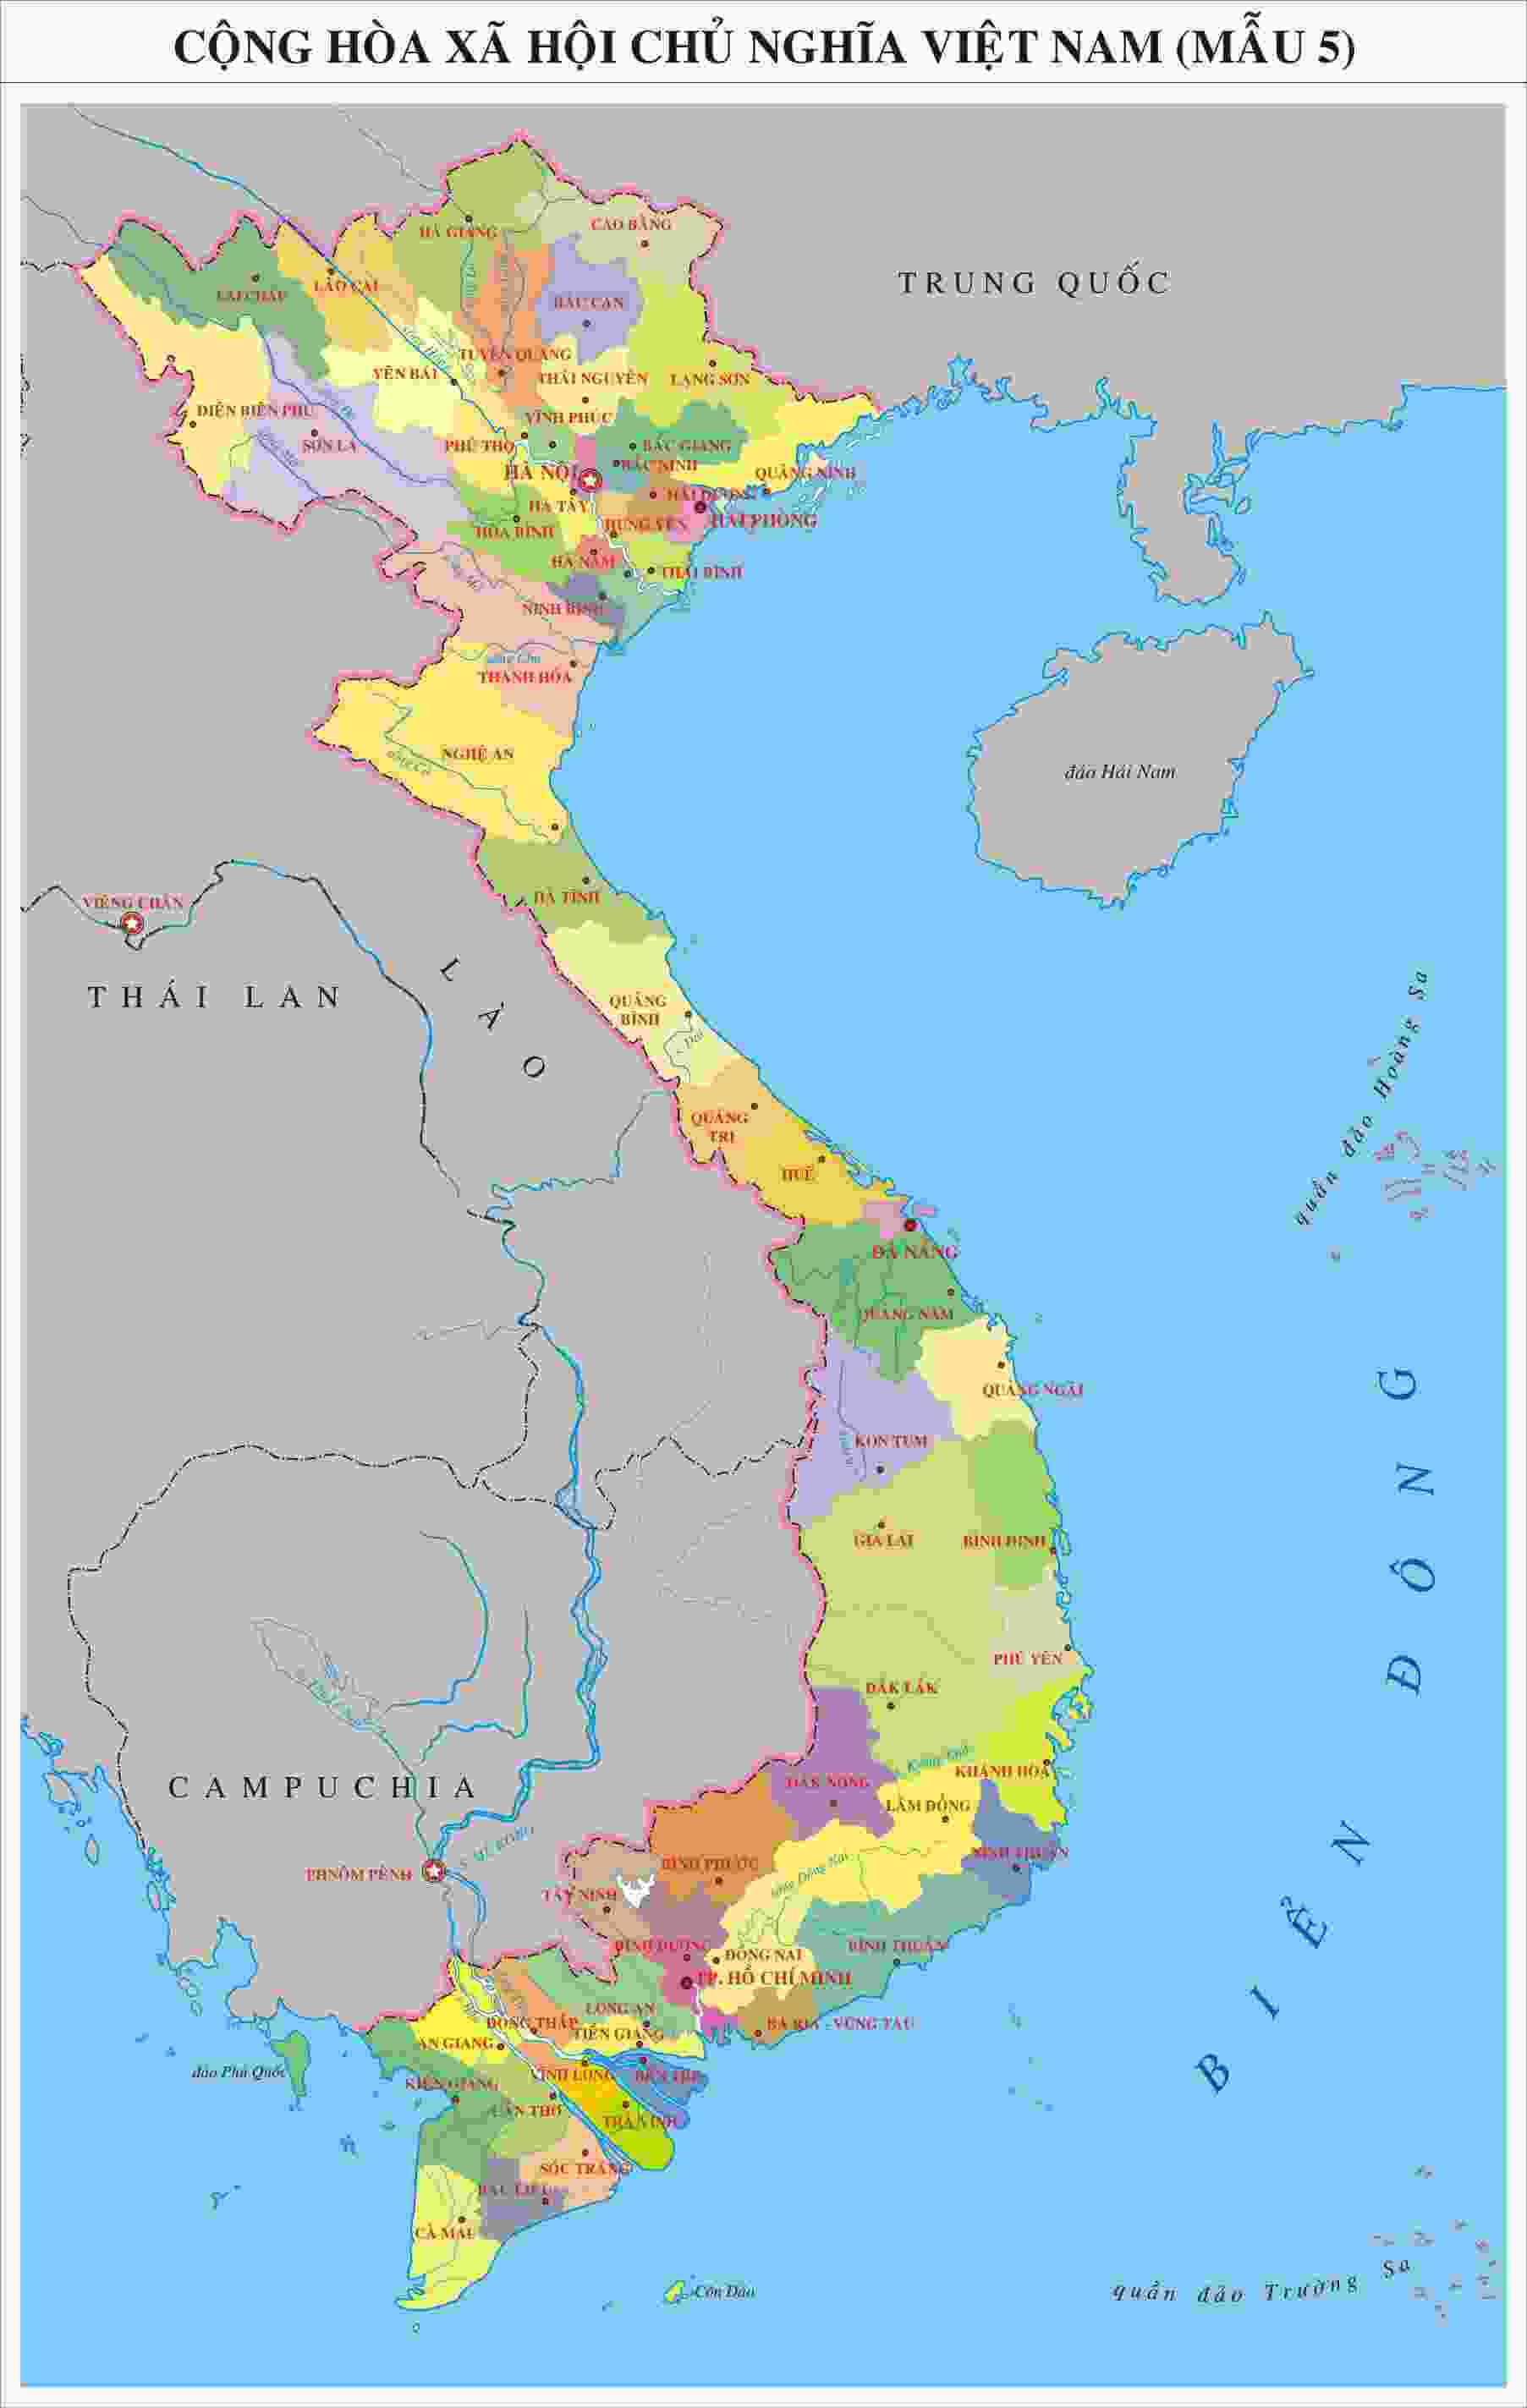 Bán bản đồ Việt Nam tại TPHCM